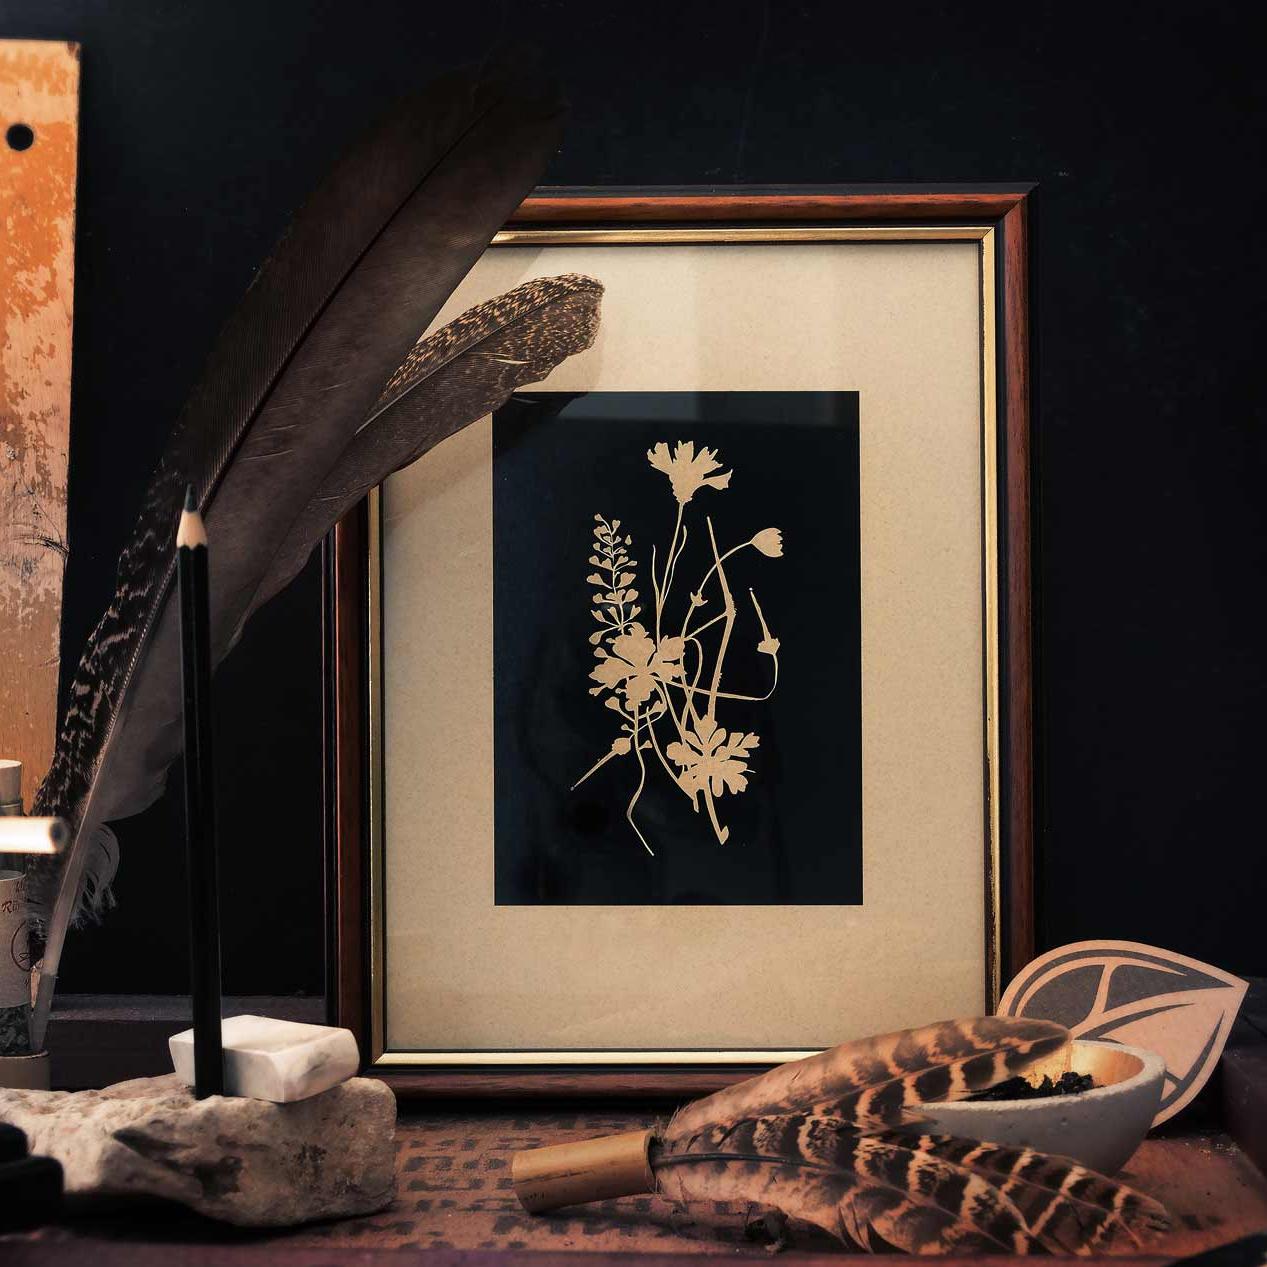 Herbal Hunter – Kräuterpost – Hier kannst du den wilden Herbal Hunter Newsletter abonnieren. Saisonales Kräuterwissen, Kräuter-Termine und sehenswerte Ausflugtsipps, sowie Neuigkeiten aus Wald und Wiese. Direkt in dein Postfach wilde Kräuterpost jetzt abonnieren!